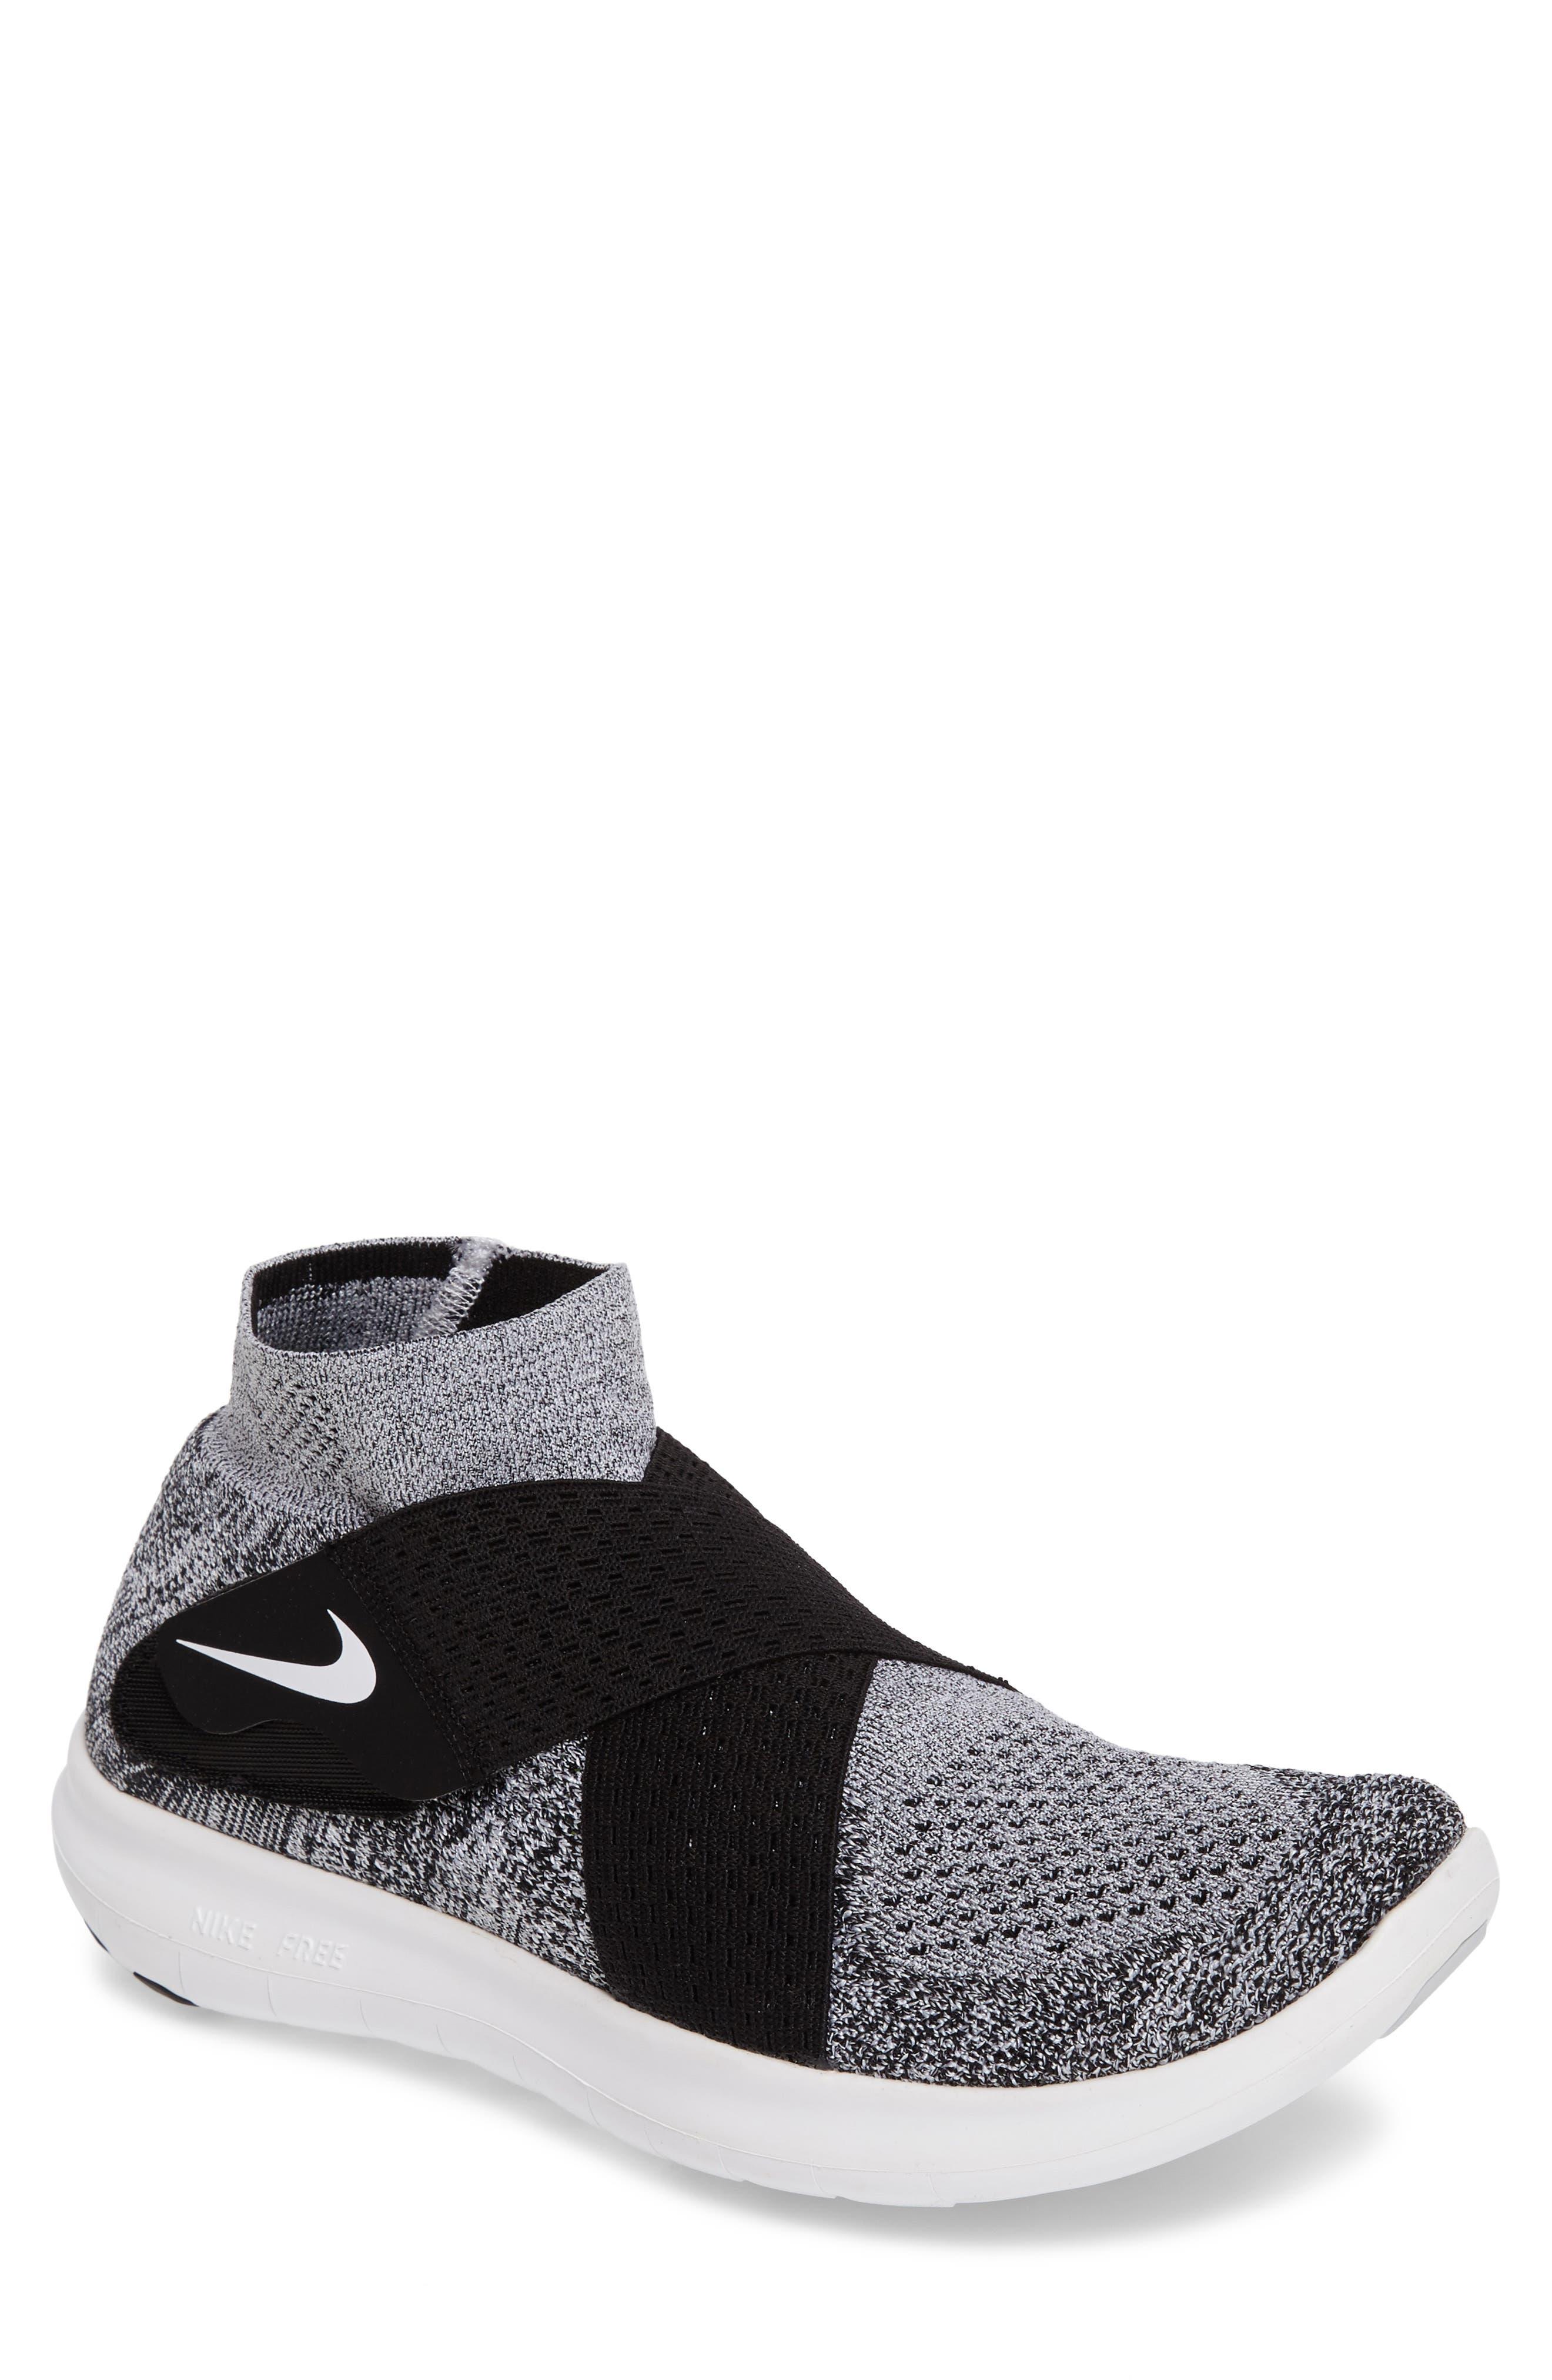 Main Image - Nike Free RN Motion Flyknit 2 Running Shoe (Men)